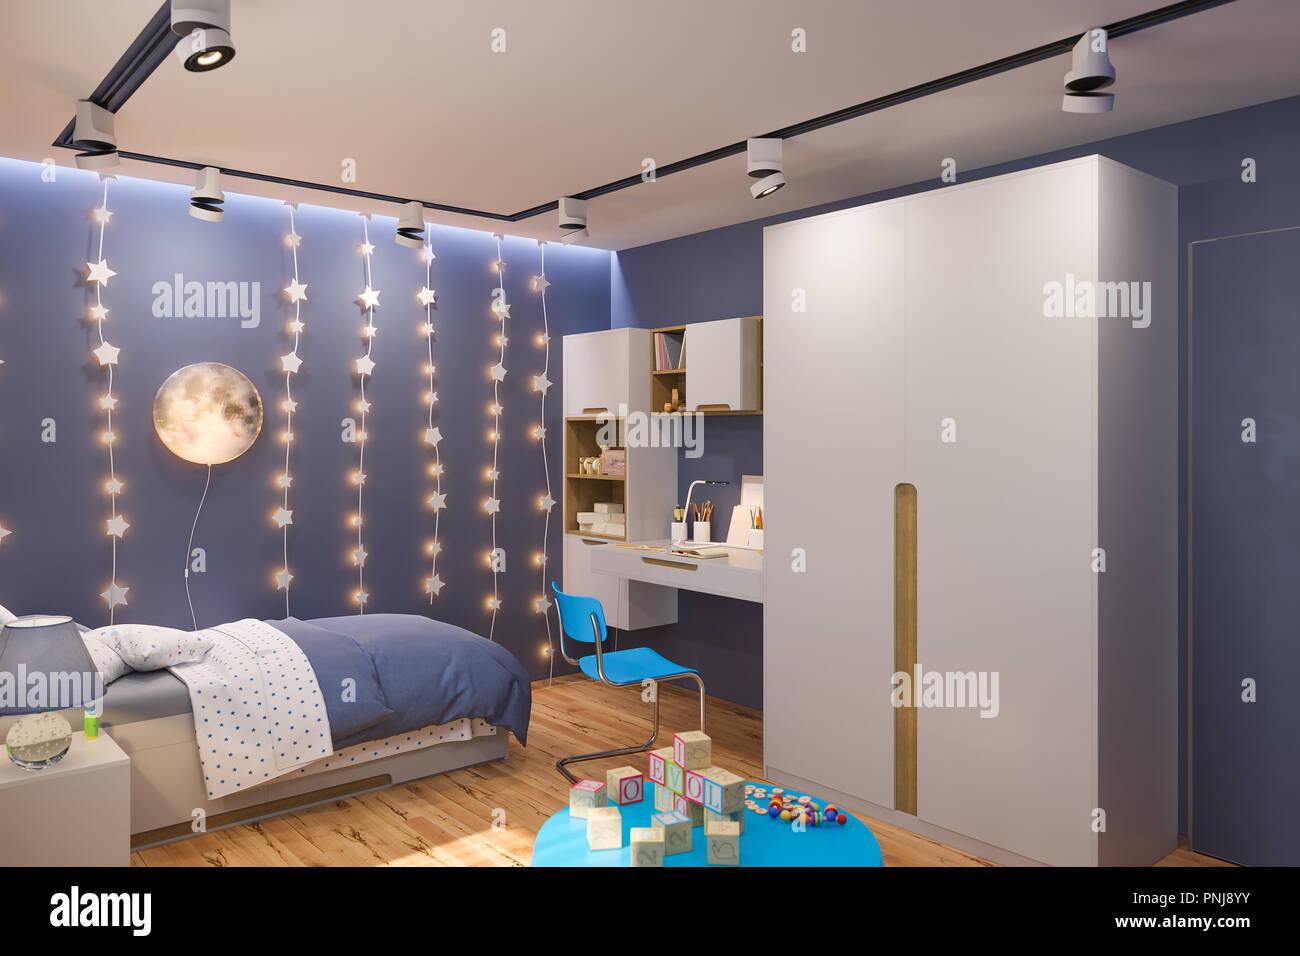 https www alamyimages fr 3d render of la chambre des enfants en couleur bleu nuit visualisation du concept de design d interieur chambre d enfant pour garcon dans un theme de l espace image219834383 html